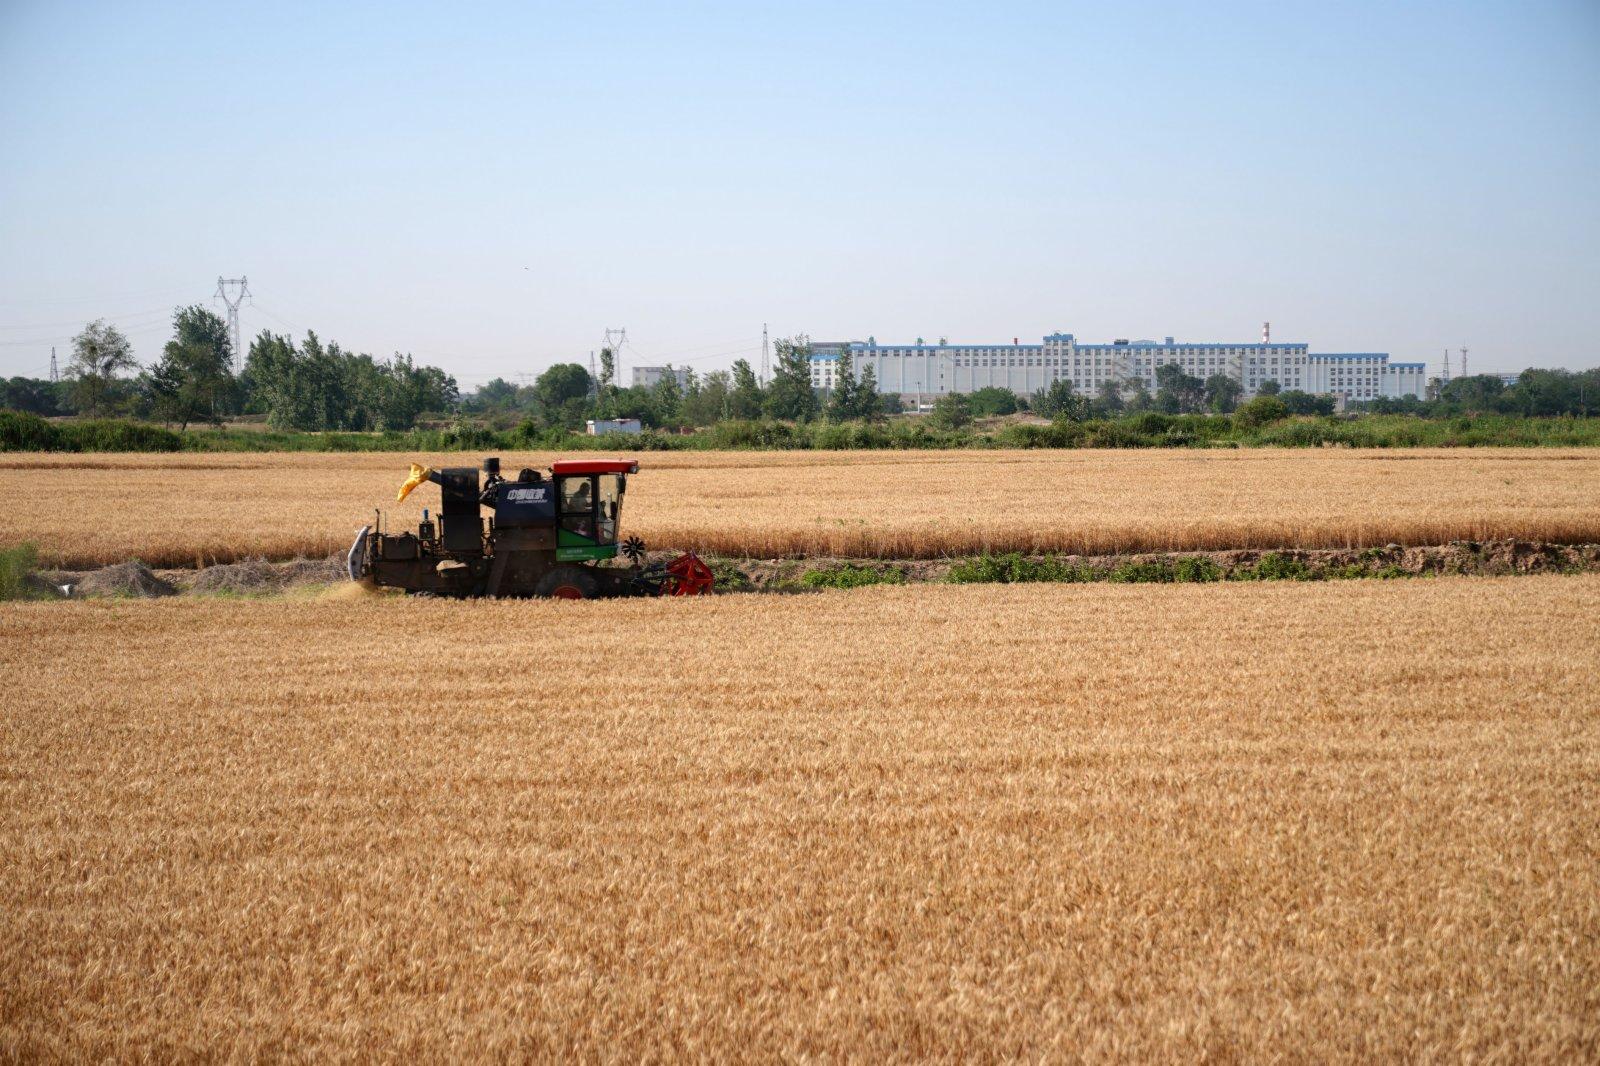 6月6日,農機手操作聯合收割機在河北邢台經濟開發區南陽二村的麥田裡收割小麥。